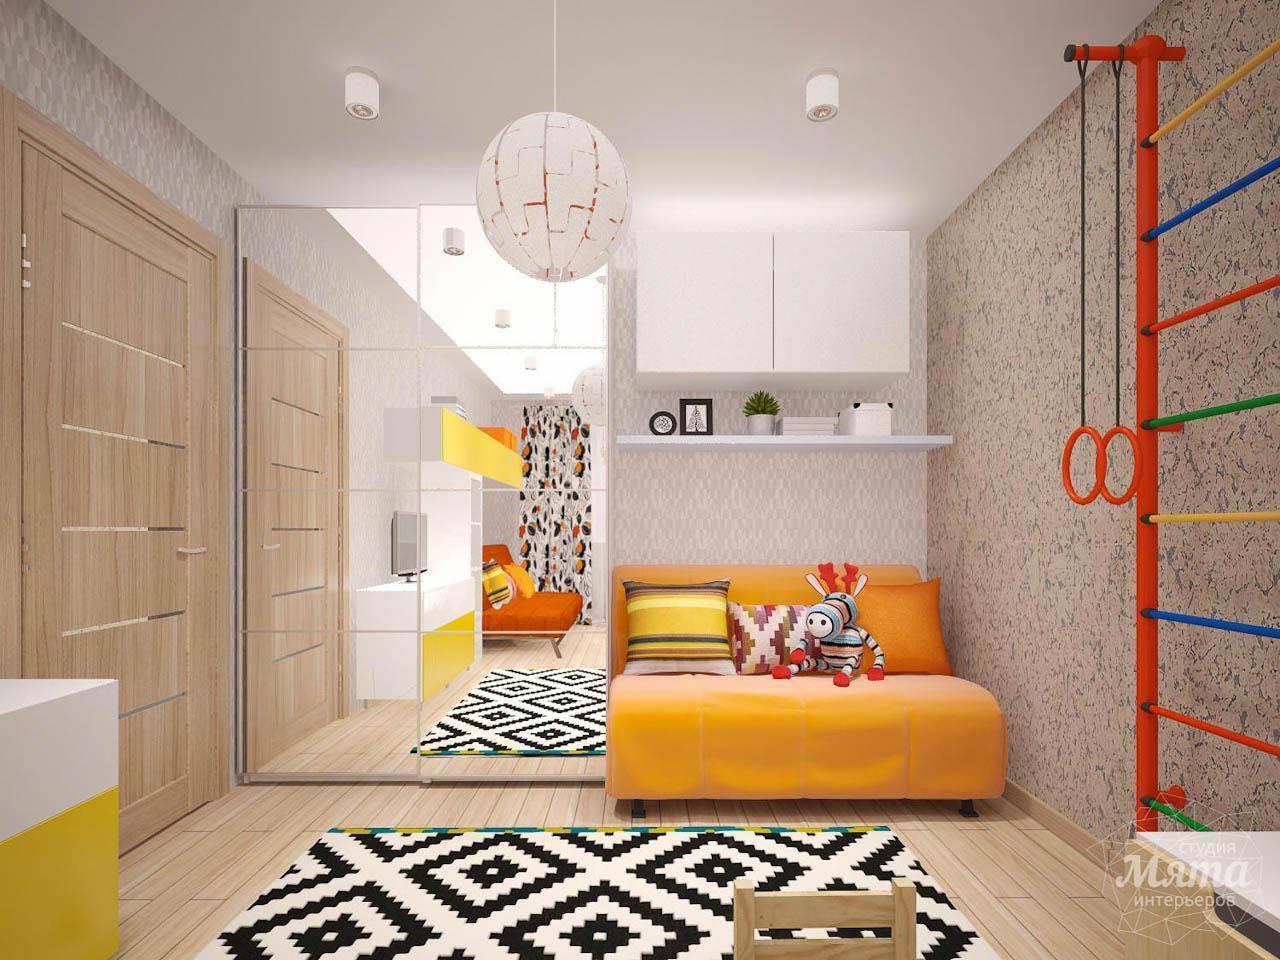 Дизайн интерьера однокомнатной квартиры в современном стиле по ул. Агрономическая 47 img201269537